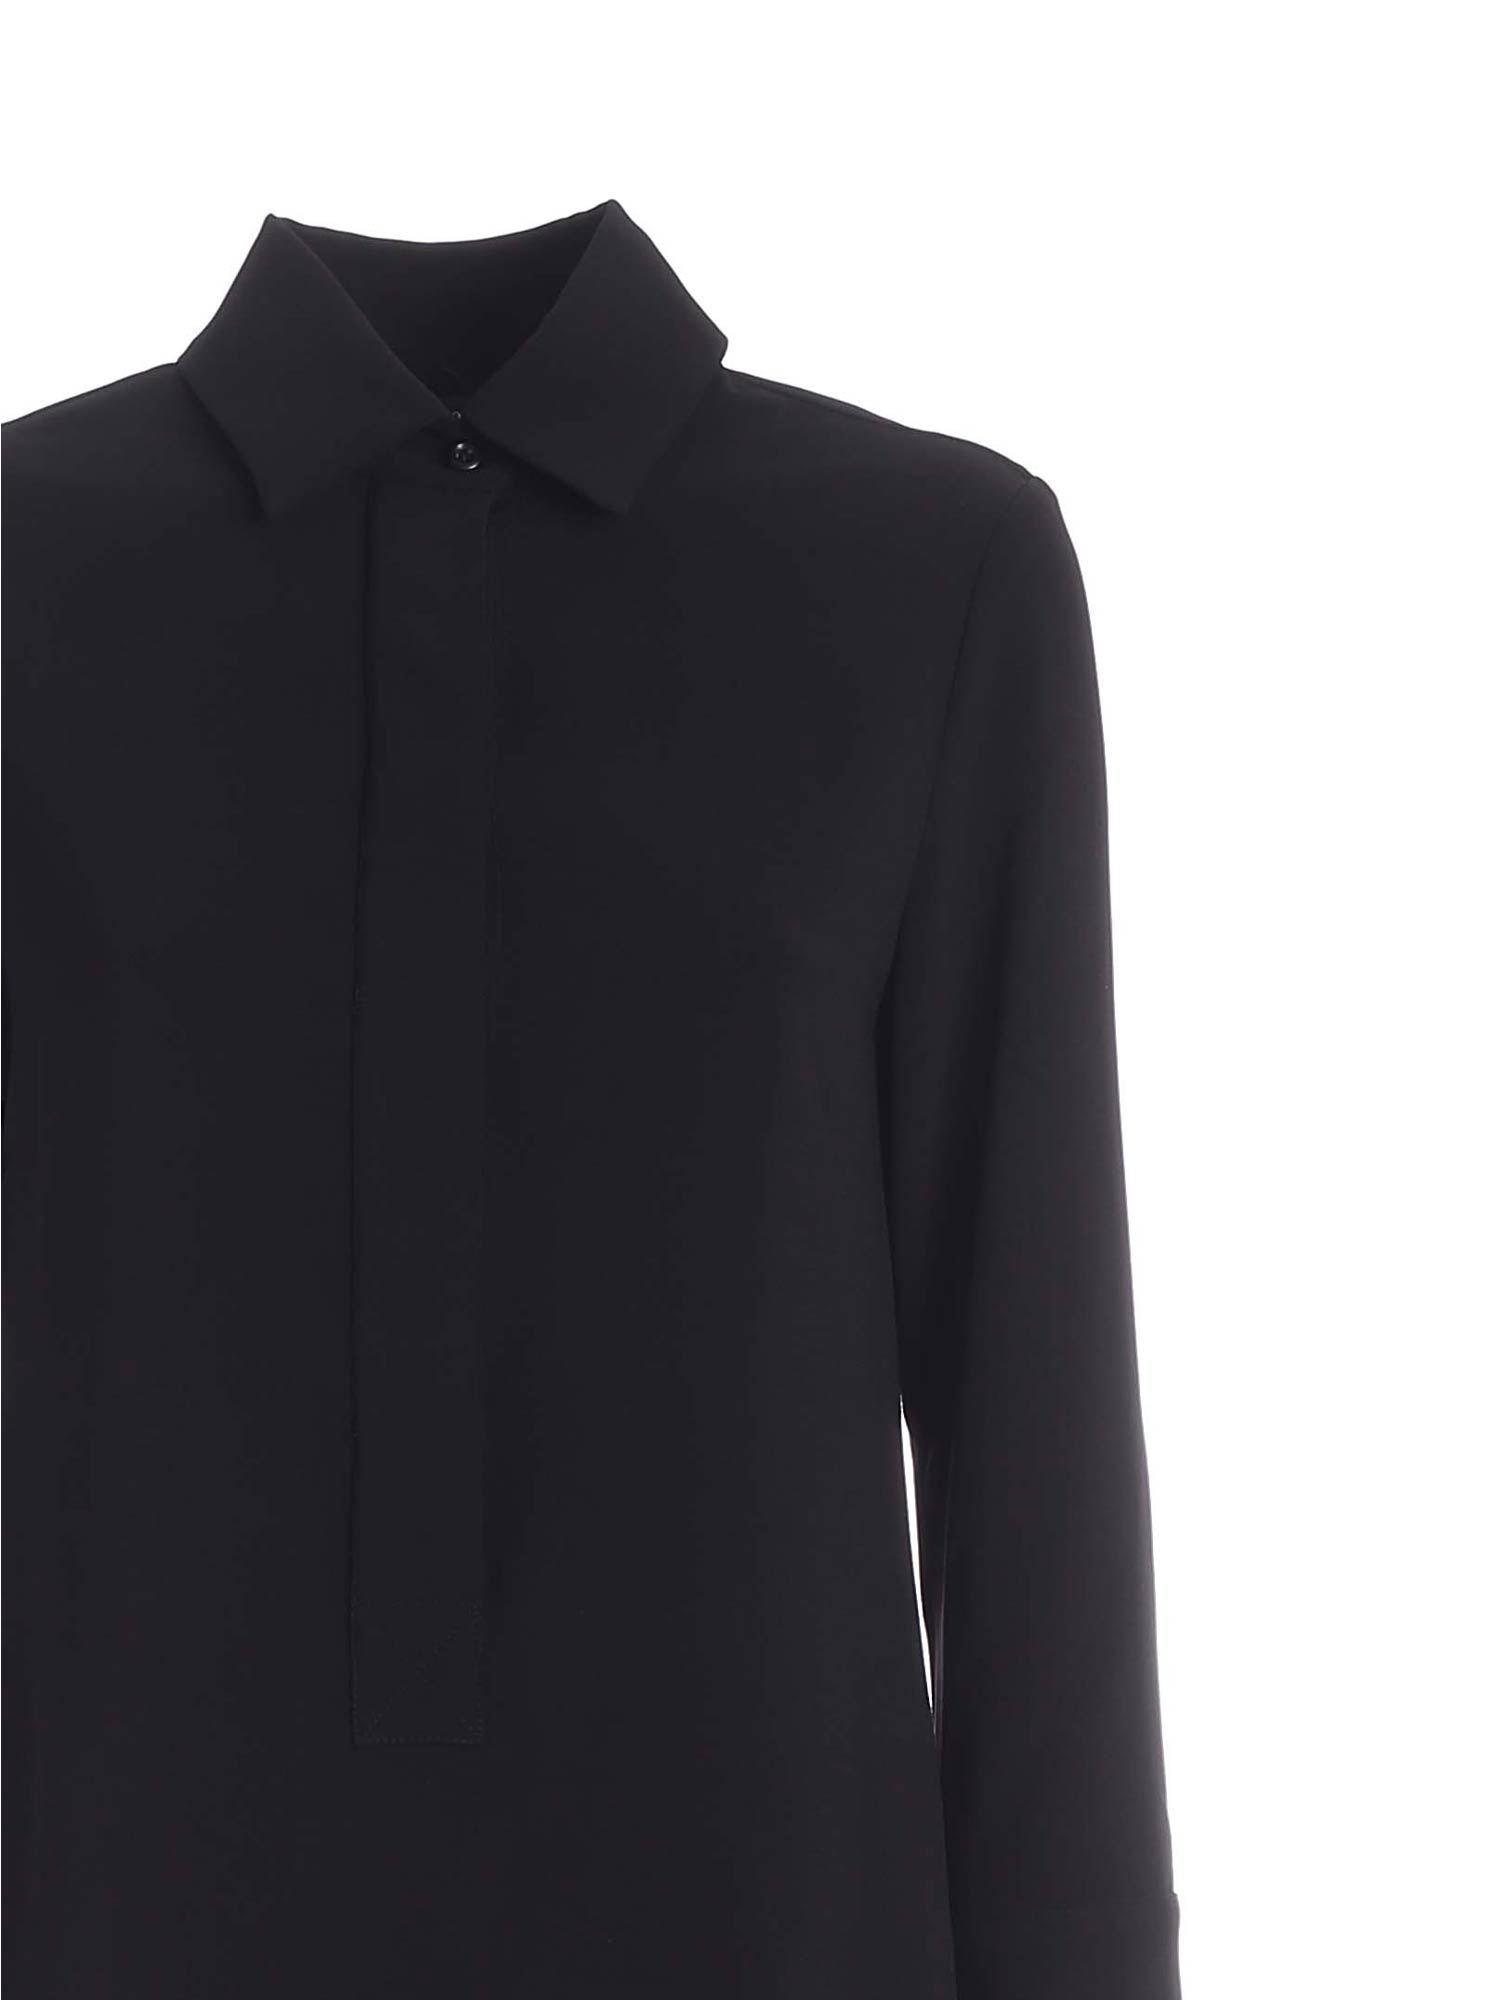 SHIRT DRESS IN BLACK PAOLO FIORILLO CAPRI | 11 | 25662221019